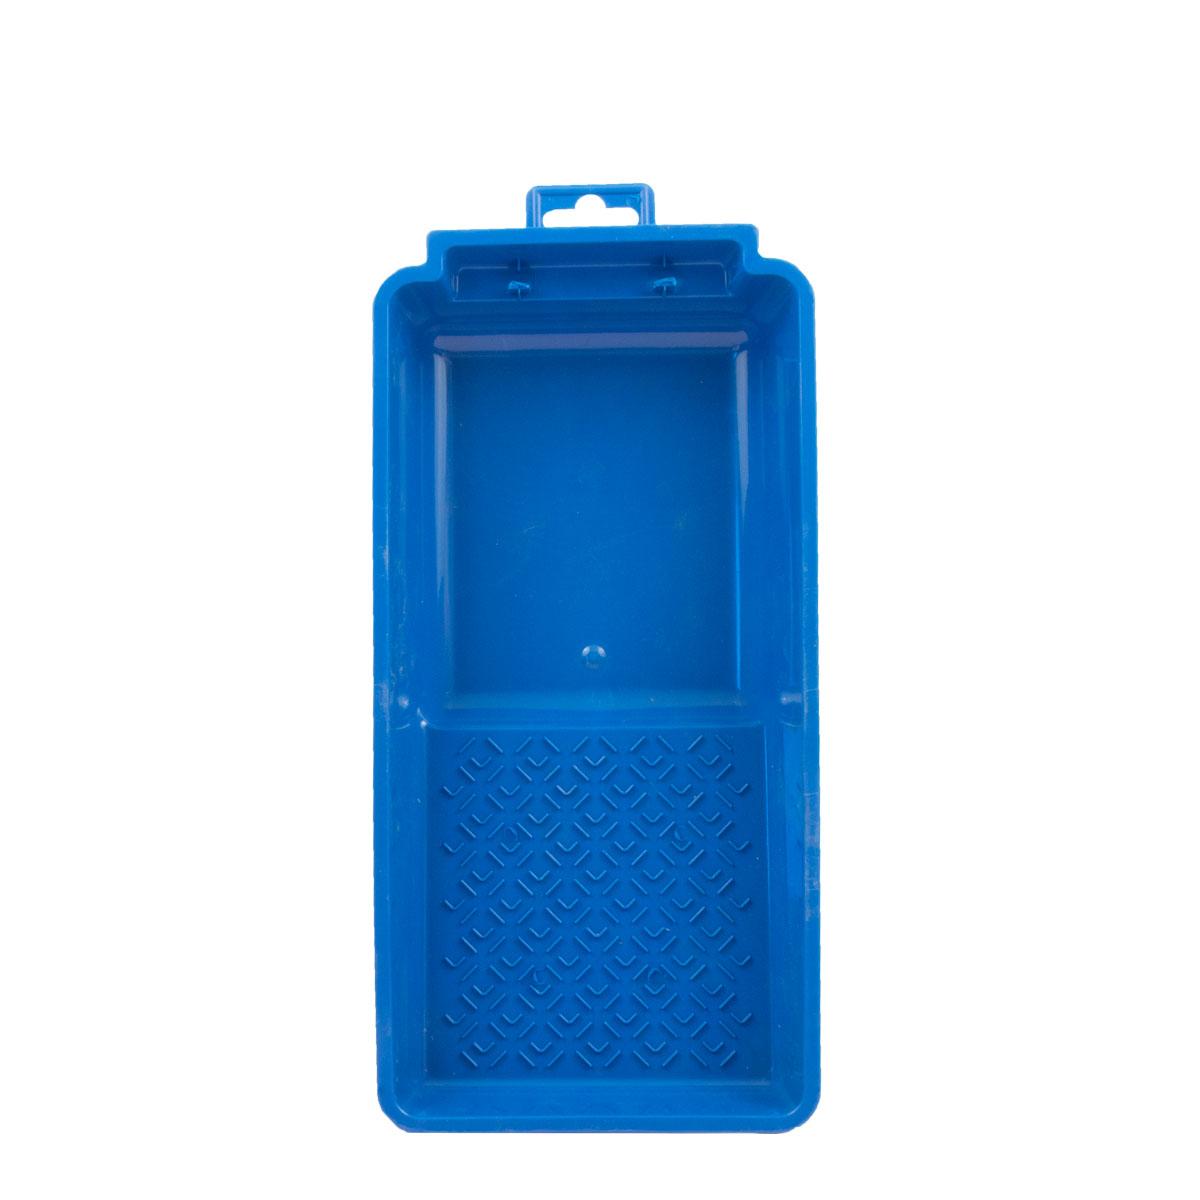 Farbwanne Kunststoff, blau,Lackwanne, 31 x 35cm